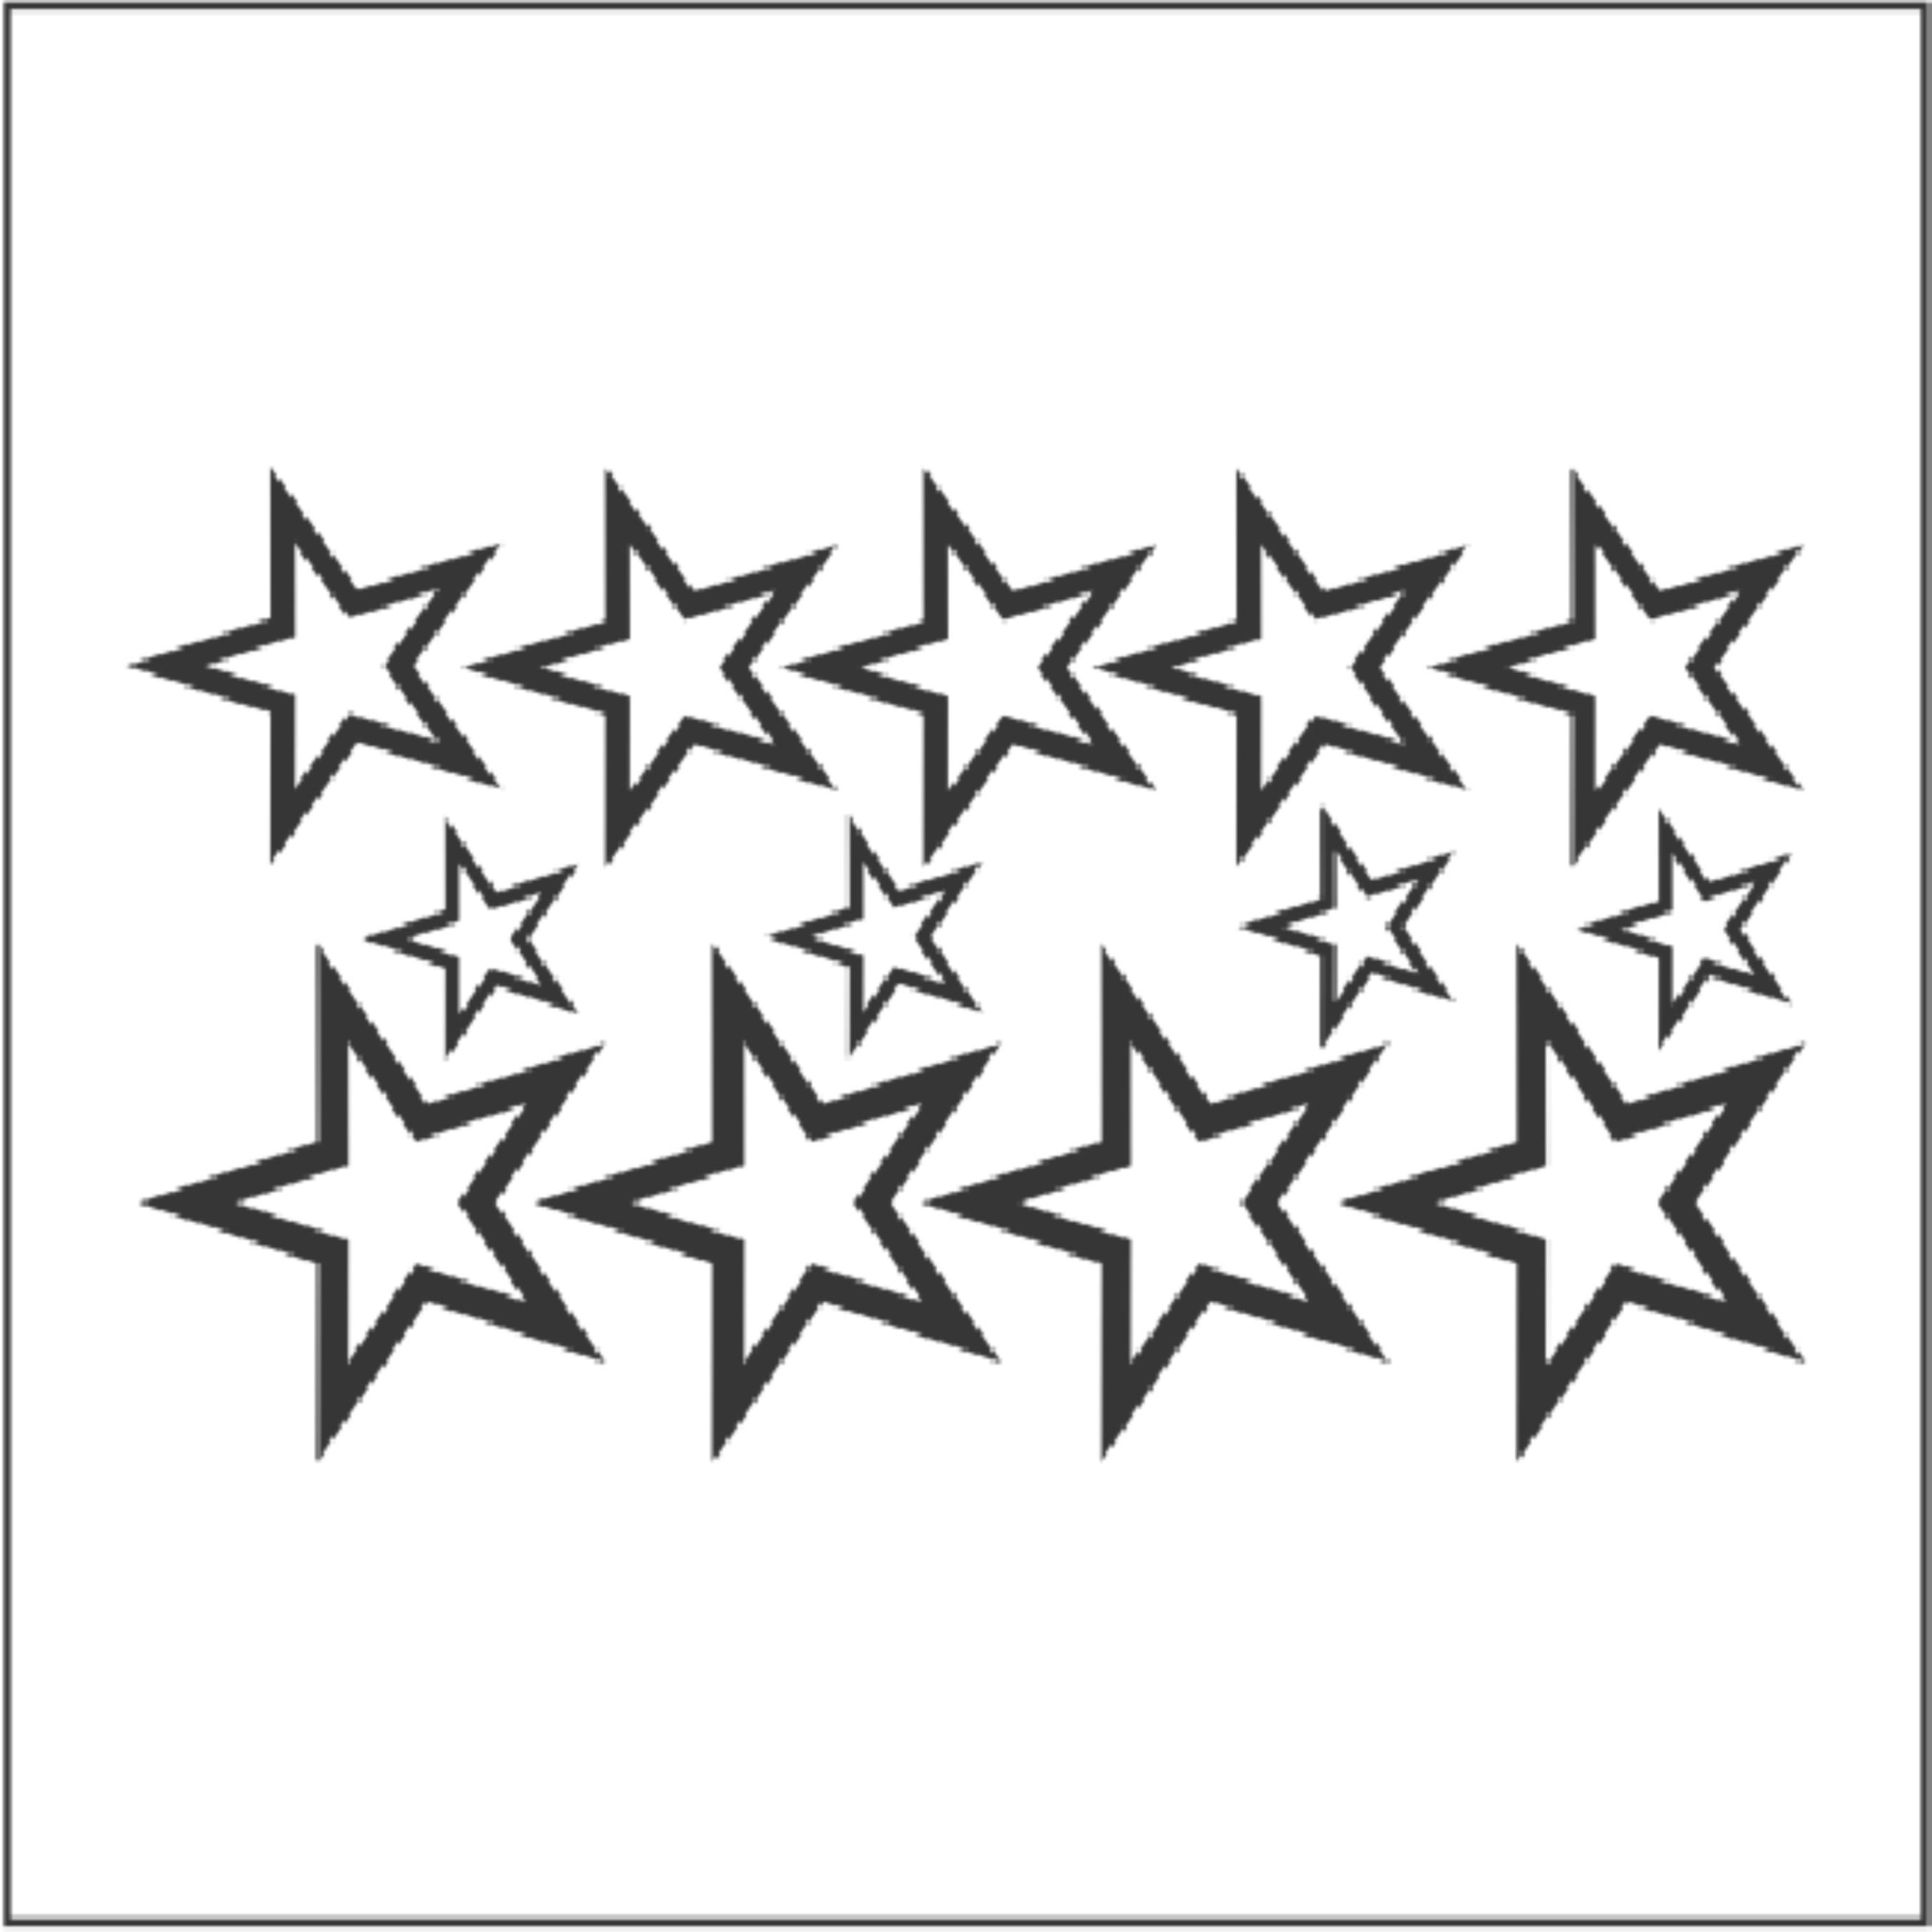 Armario Joyeria ~ Adesivo Decoraç u00e3o Cartela De Estrelas Adesivos de Parede